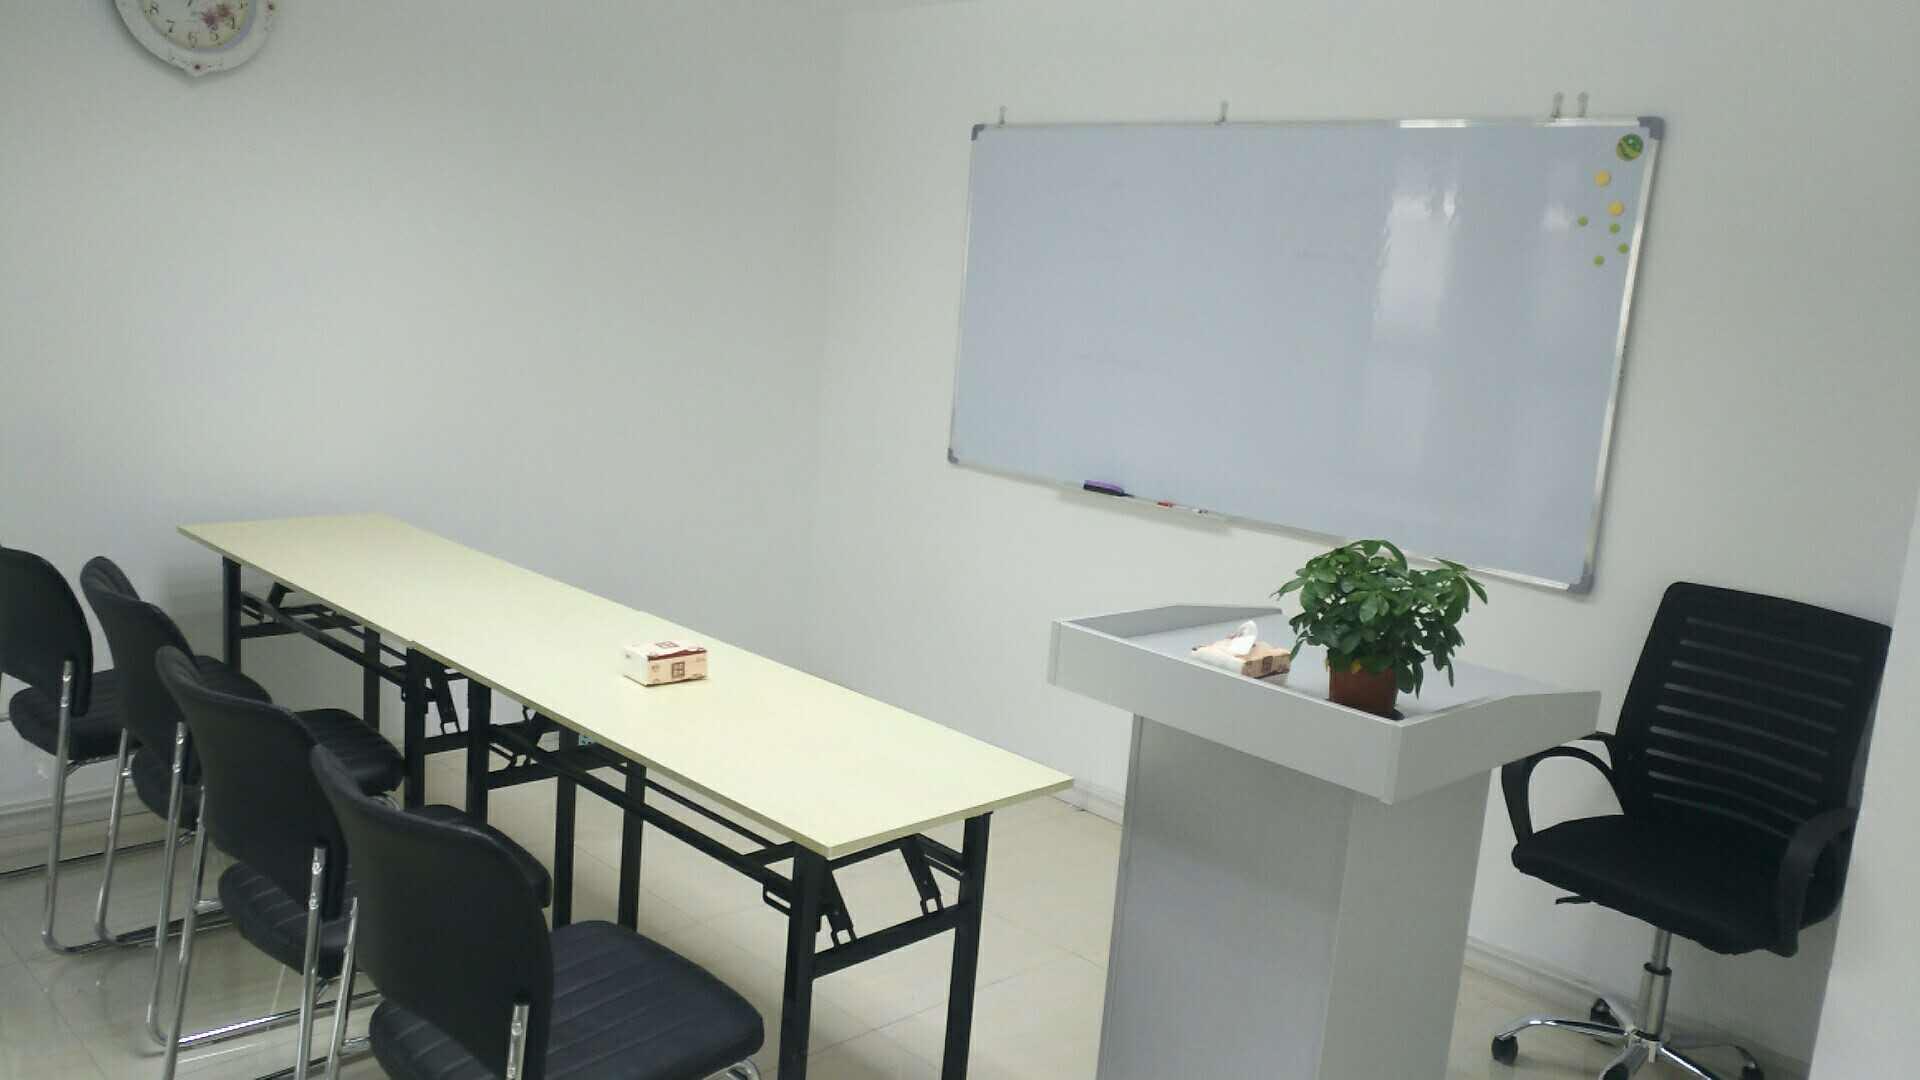 沈阳玛雅教育西班牙语兴趣班、考级班、留学班、商务班培训